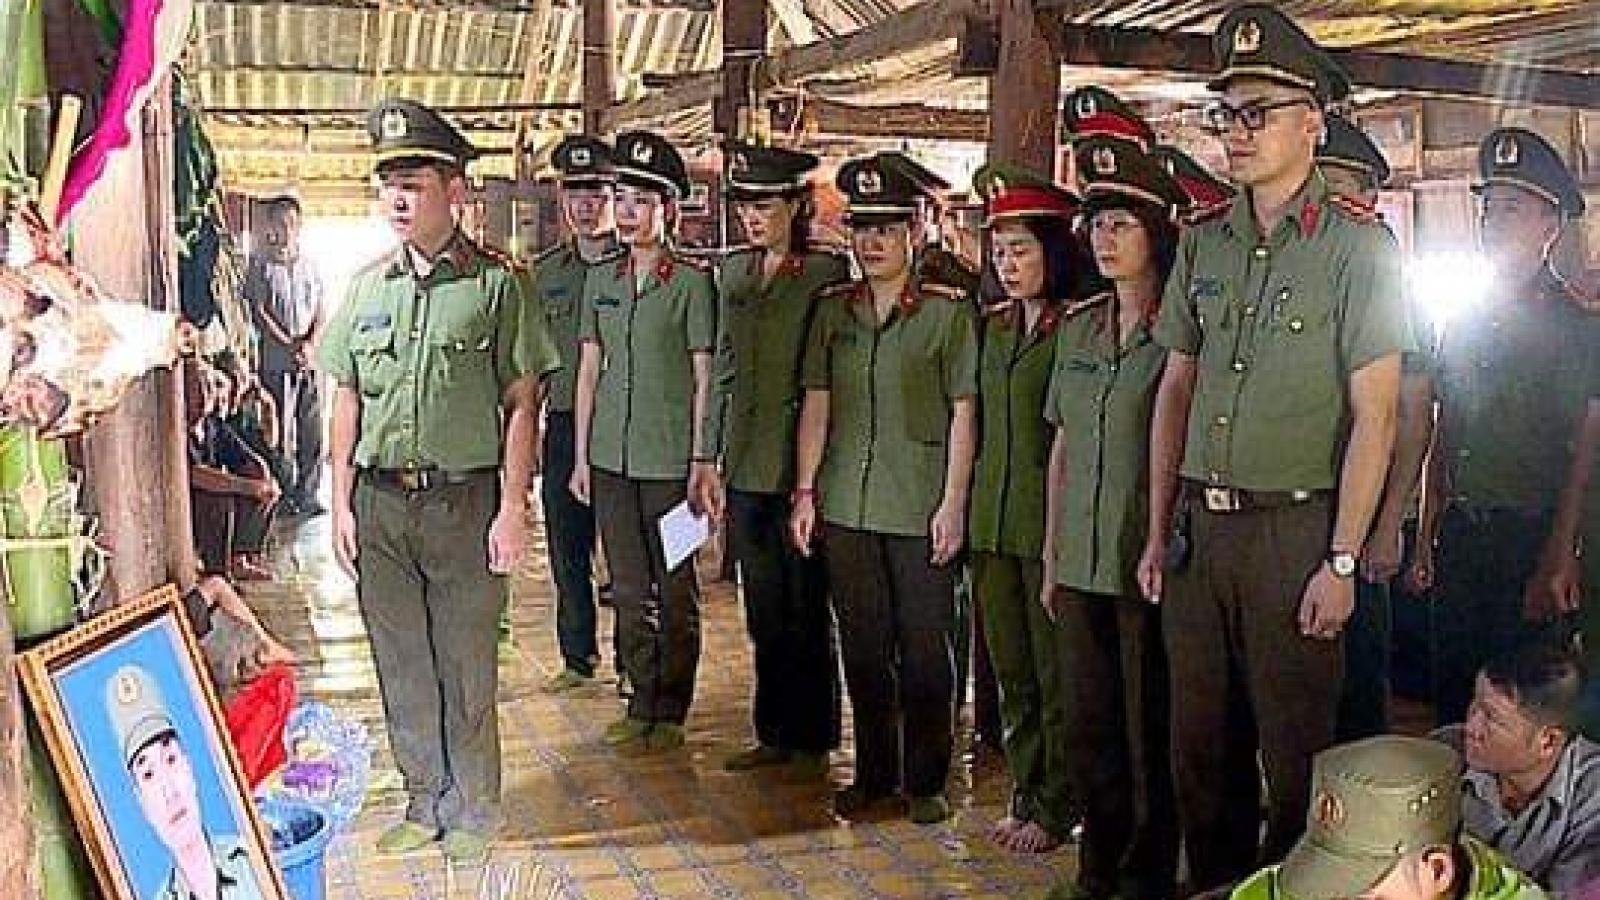 Bộ trưởng Tô Lâm chỉ đạo trừng trị nghiêm đối tượng đâm chết công an viên